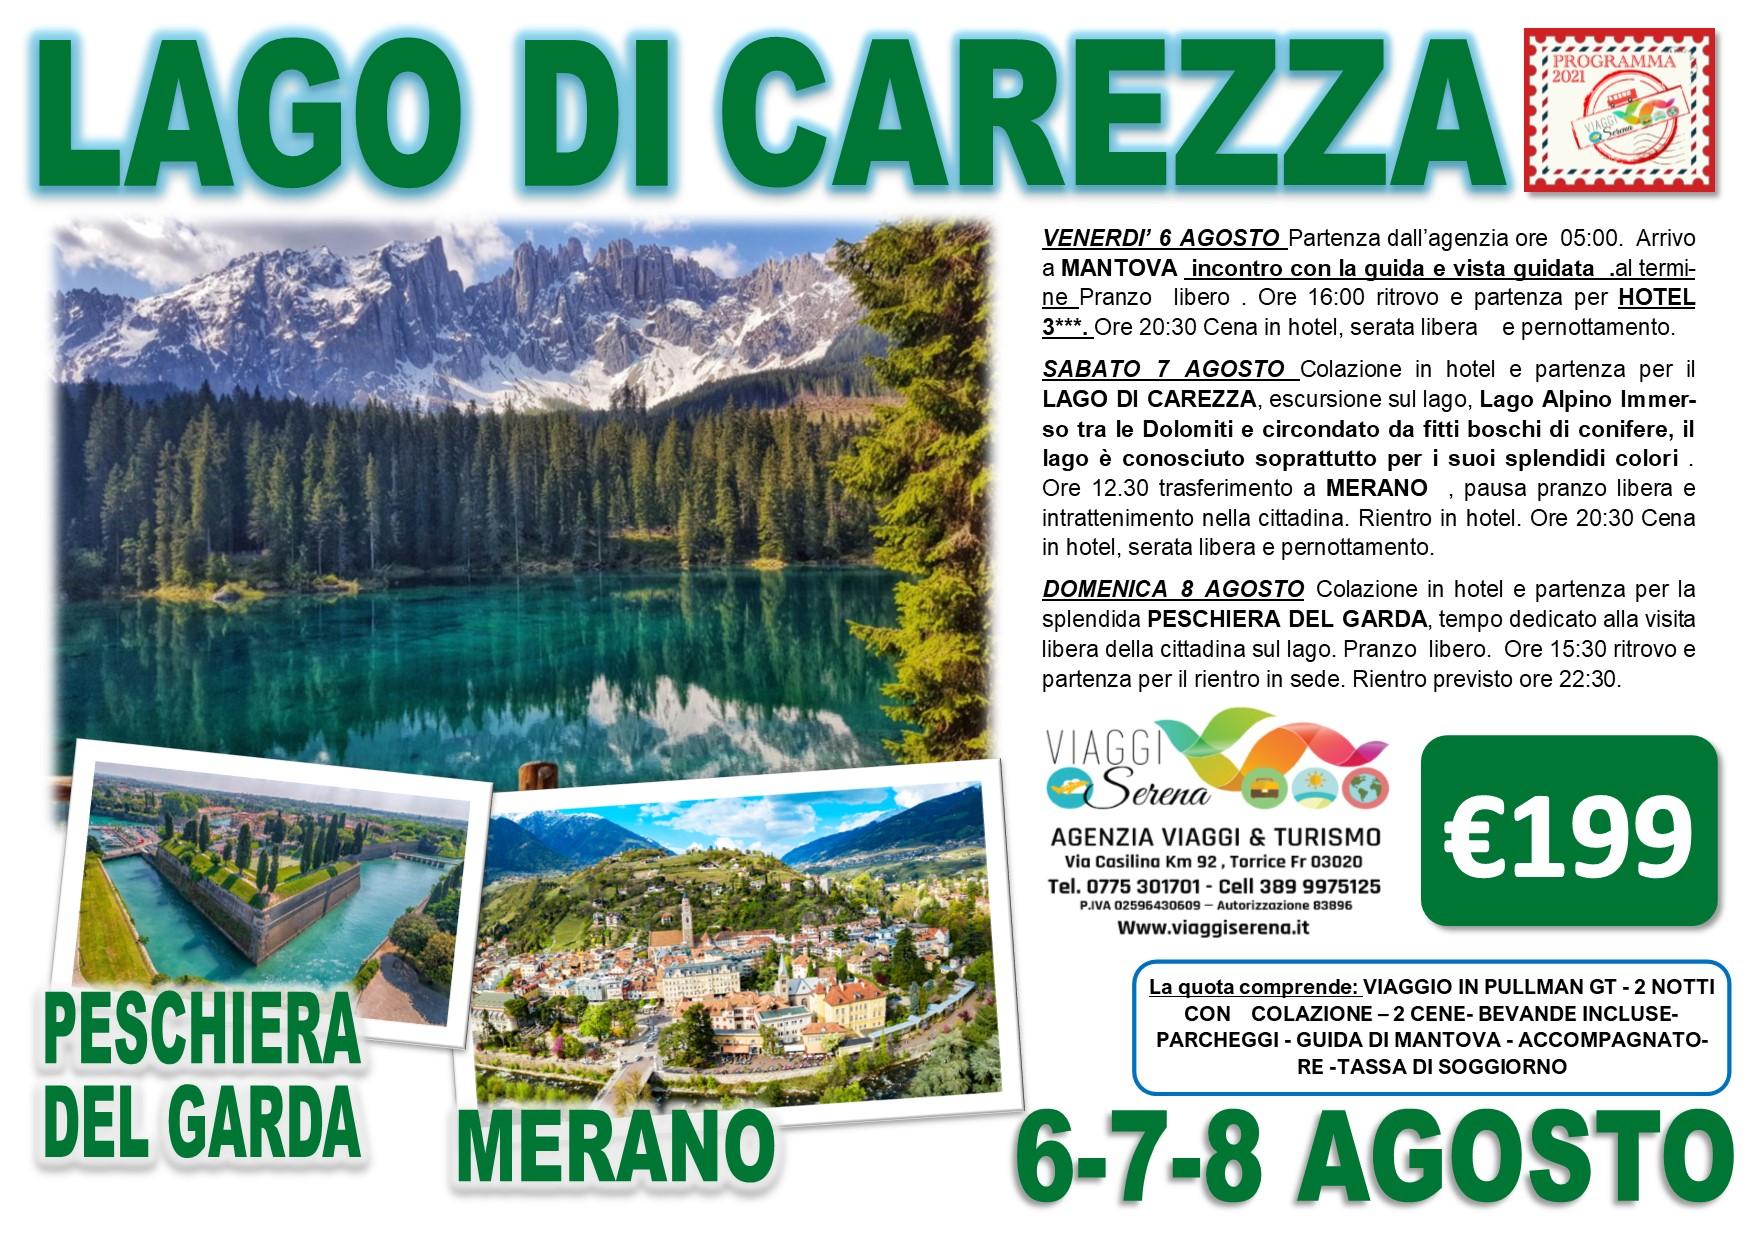 Viaggi di Gruppo:  Lago di Carezza, Mantova & Peschiera del Garda 6-7-8 Agosto € 199,00